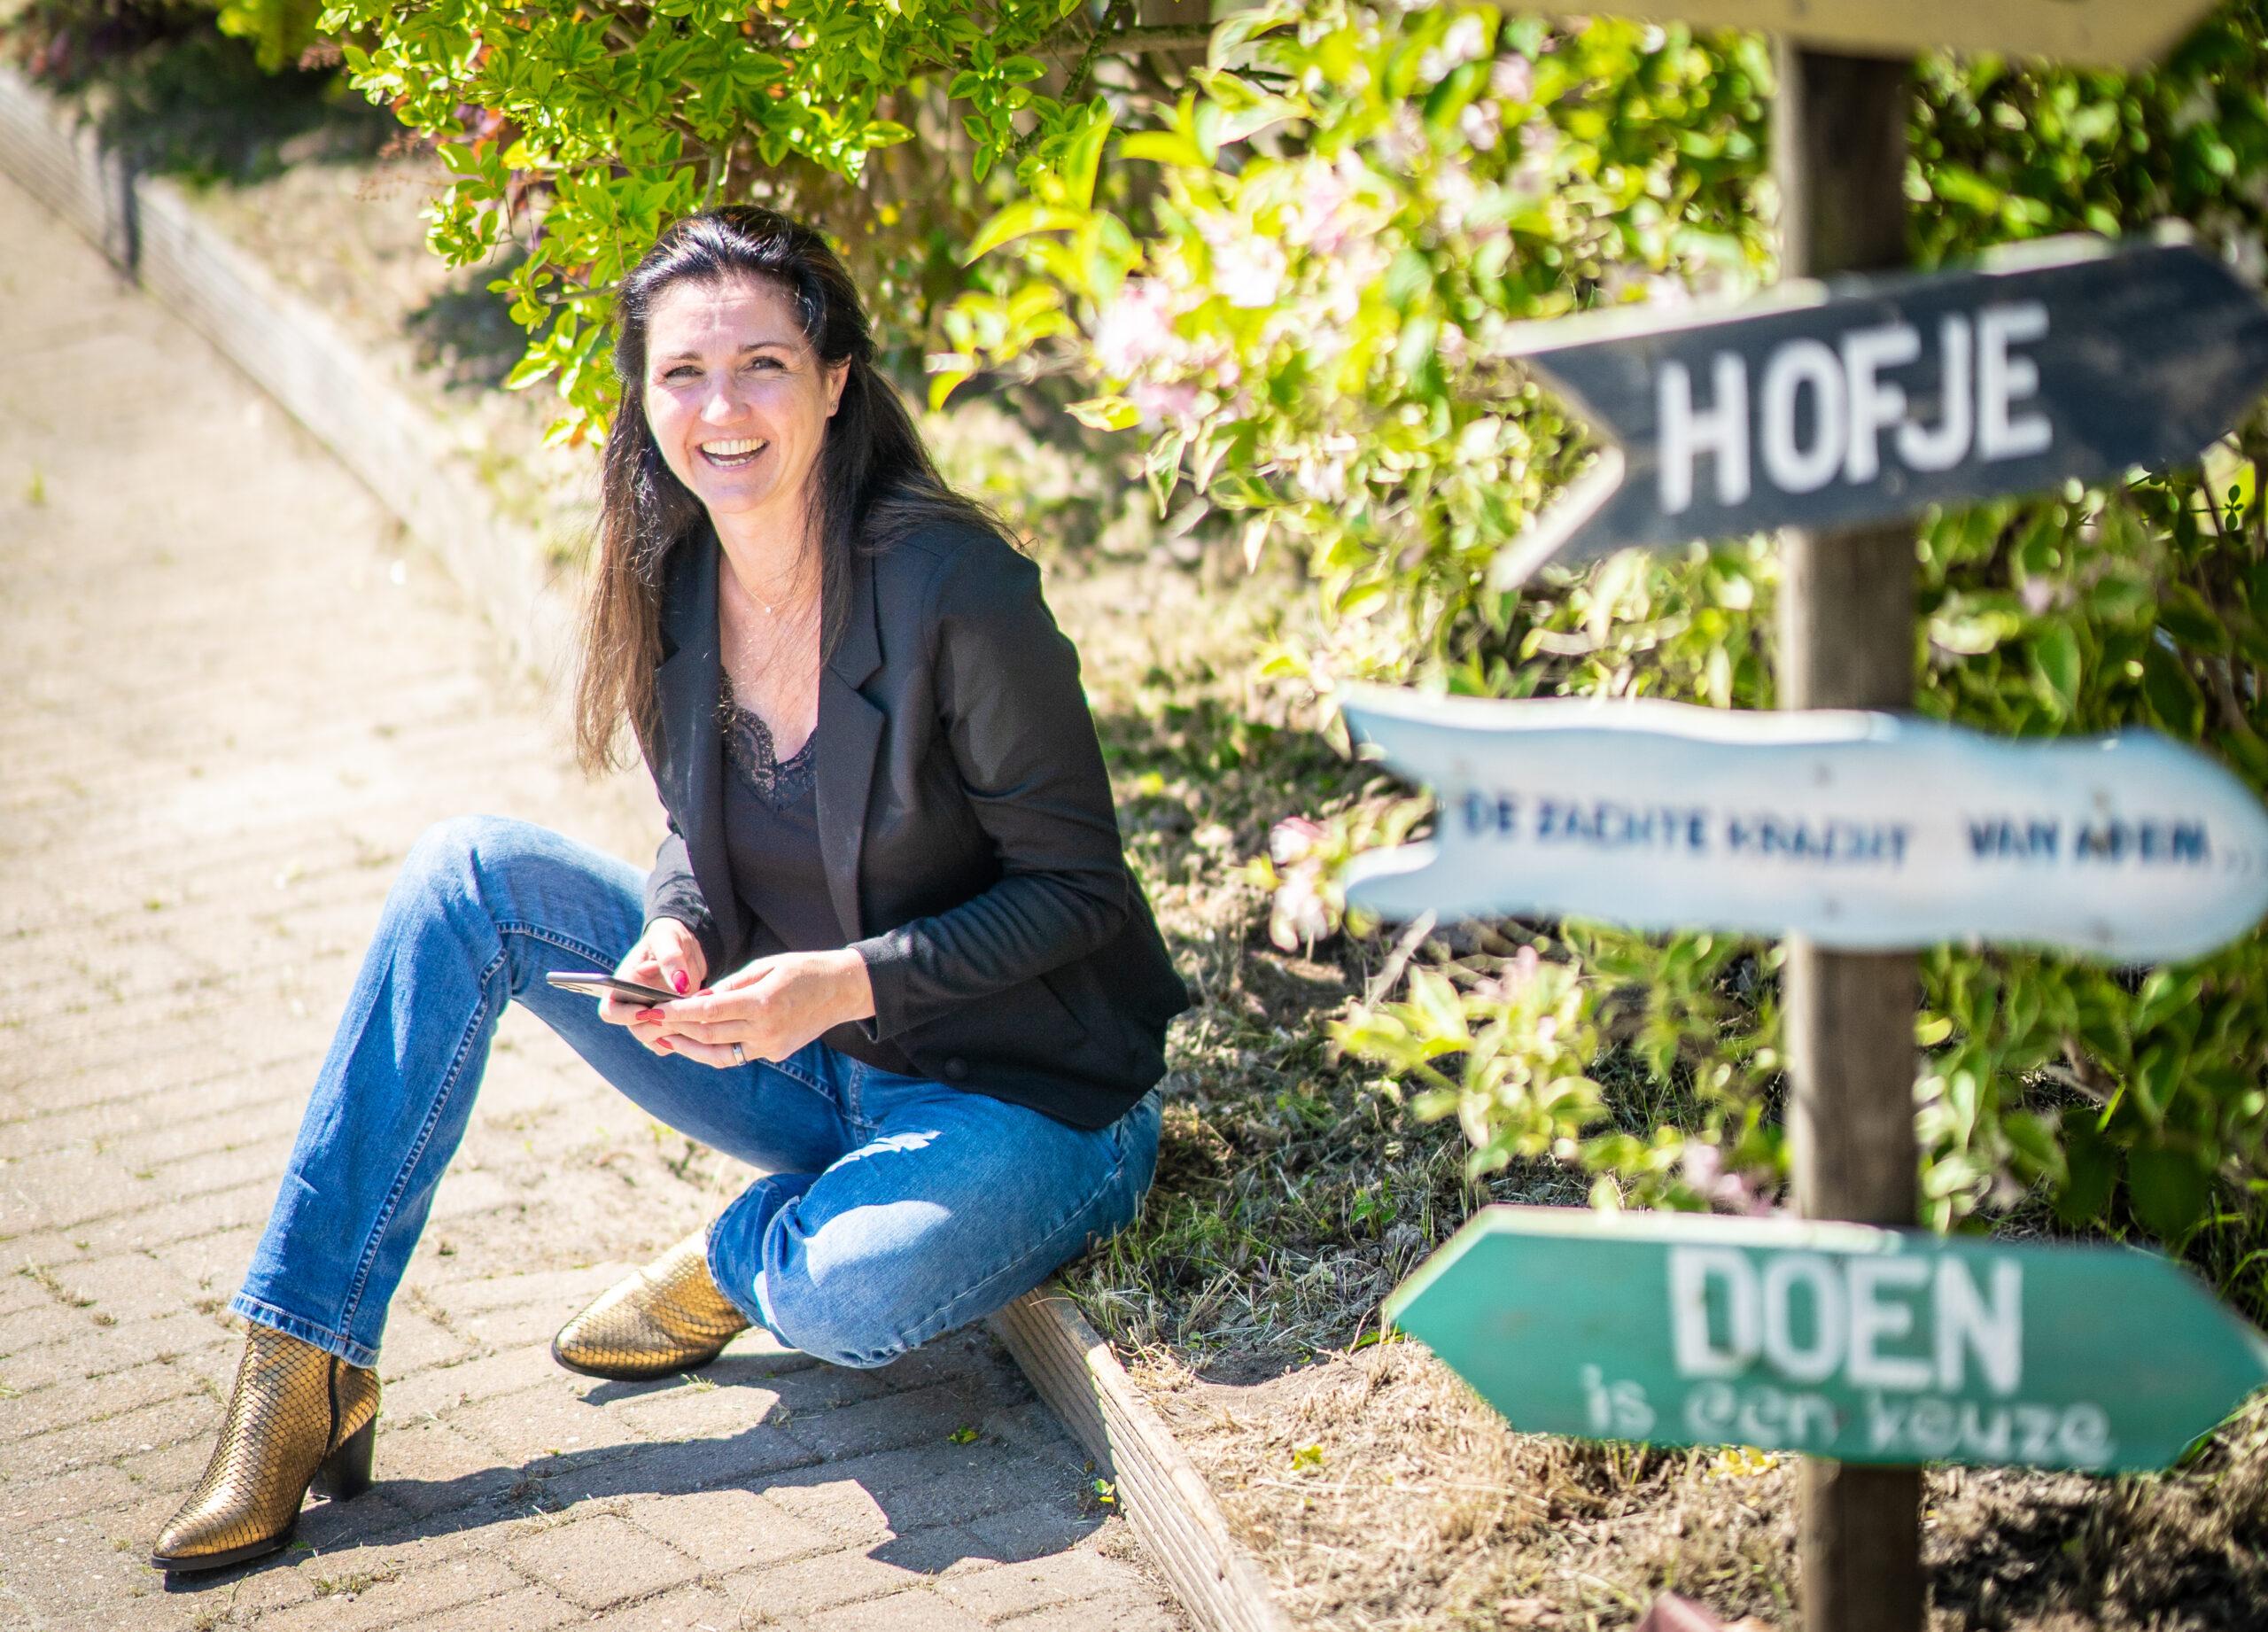 Maak kennis met Sheela - Van Solt Advies